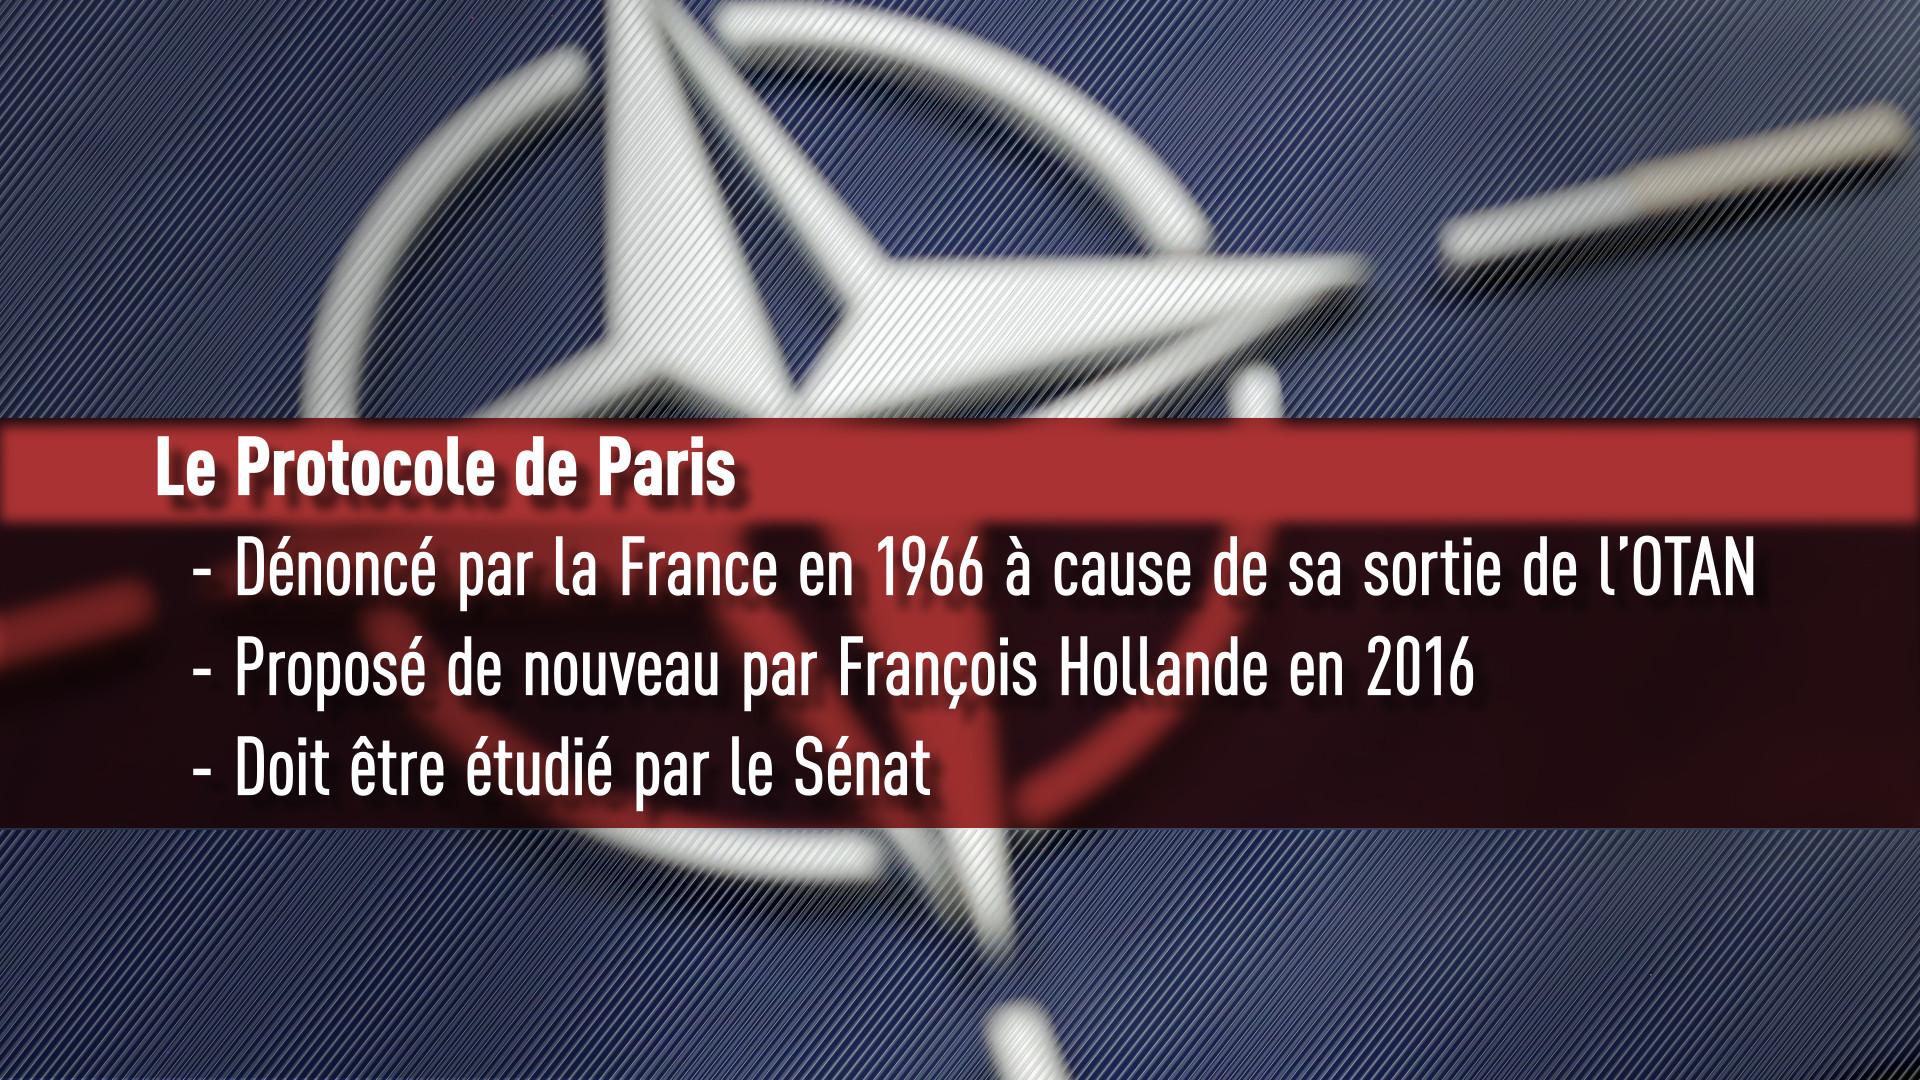 Rétablissement du protocole de Paris de l'OTAN par François Hollande : quels enjeux ?